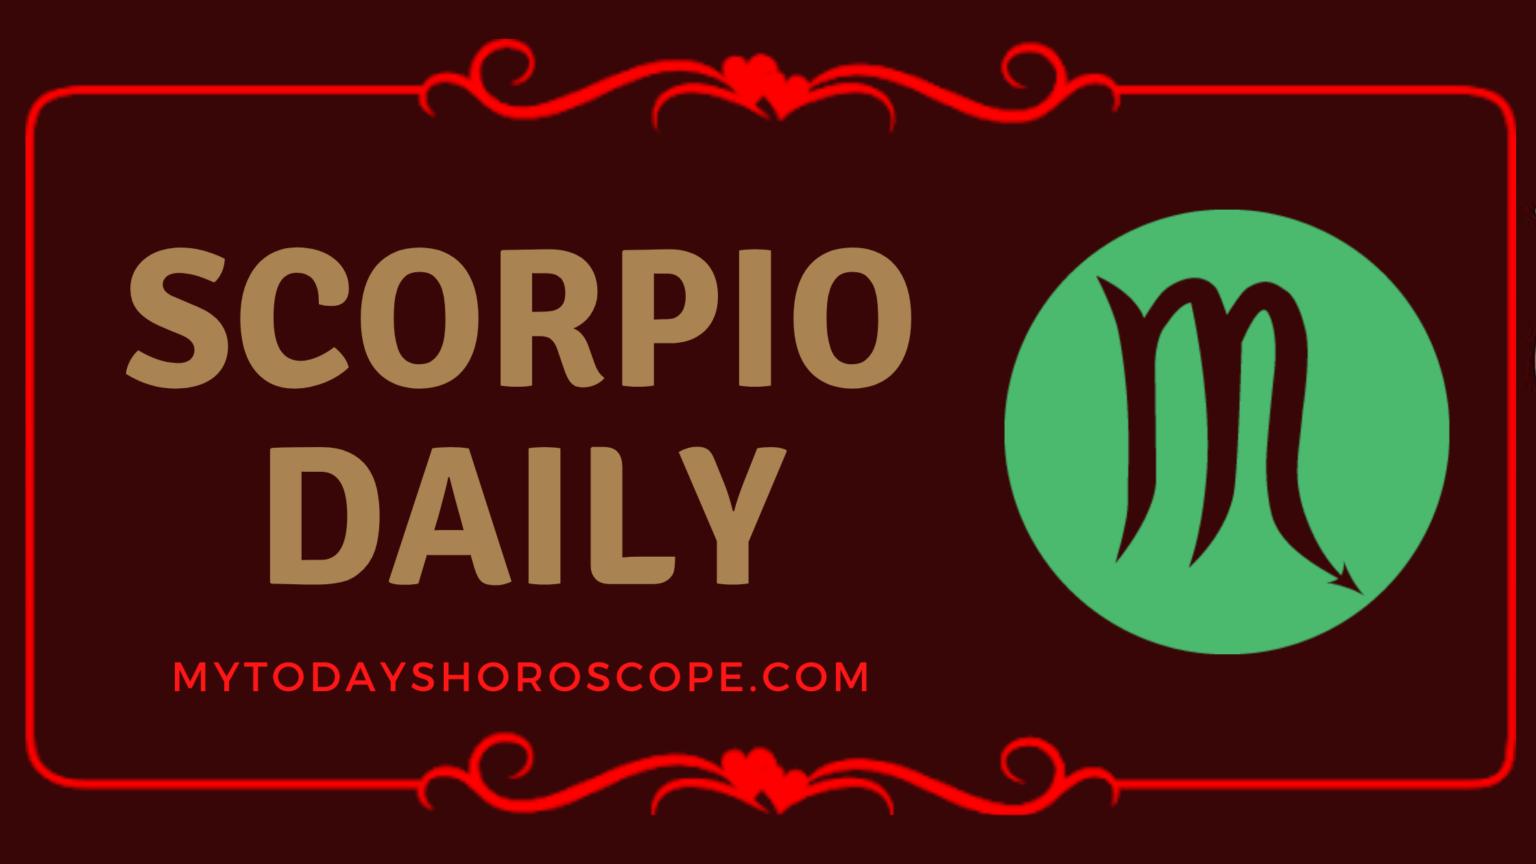 Scorpio Daily